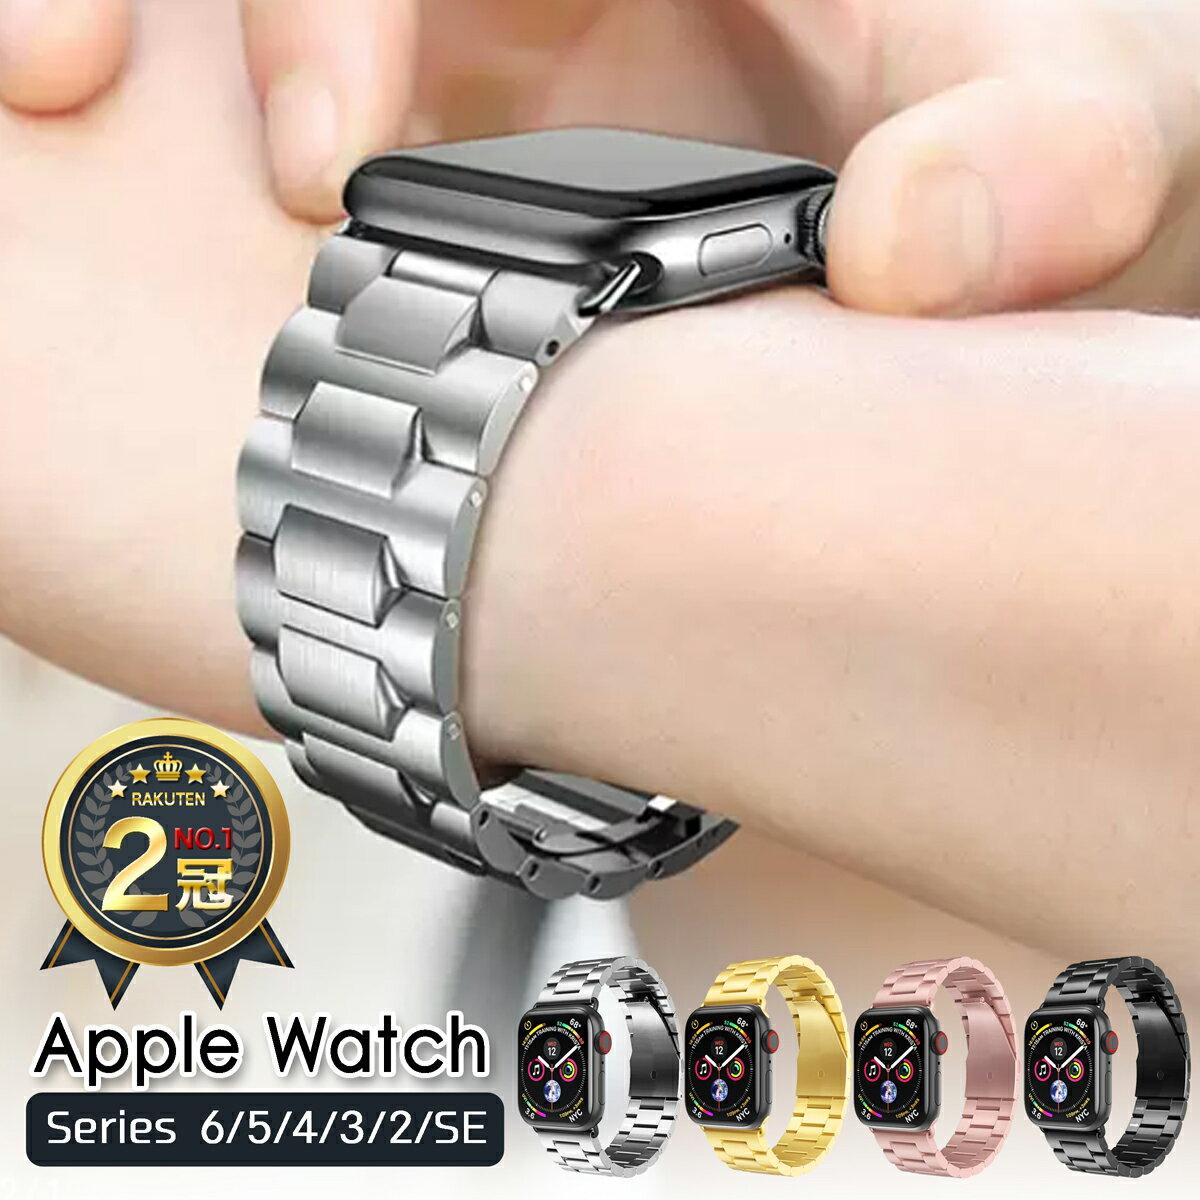 腕時計用アクセサリー, 腕時計用ベルト・バンド  Apple Watch 38mm 42mm 40mm 44mm Series1 2 3 4 5 6 SE applewatch 3 applewatch4